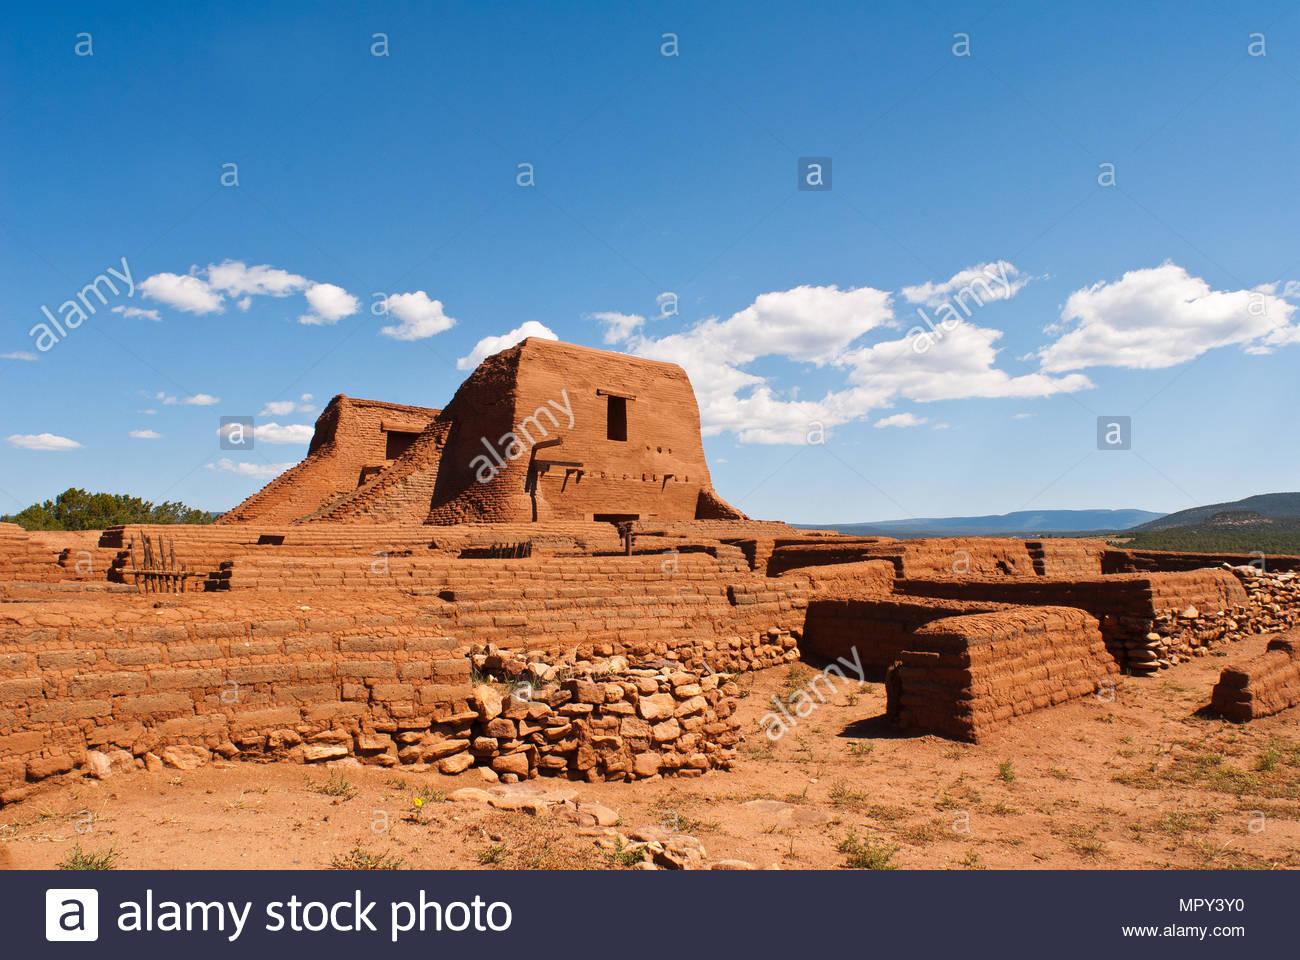 Pecos National Historic Park near Santa Fe, New Mexico, USA - Stock Image